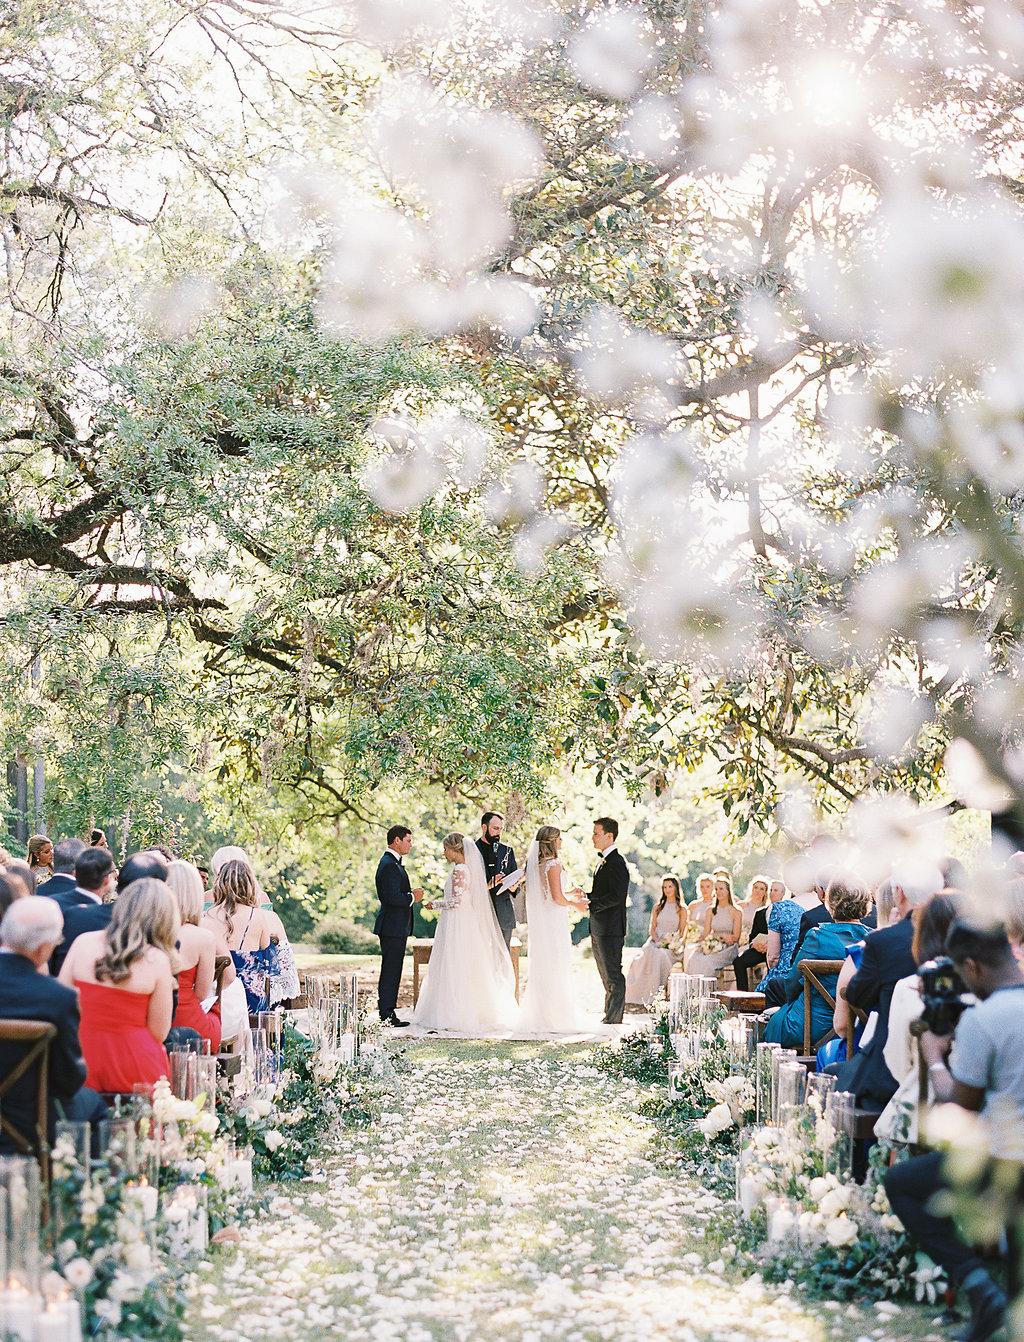 double wedding ceremony beneath oak trees